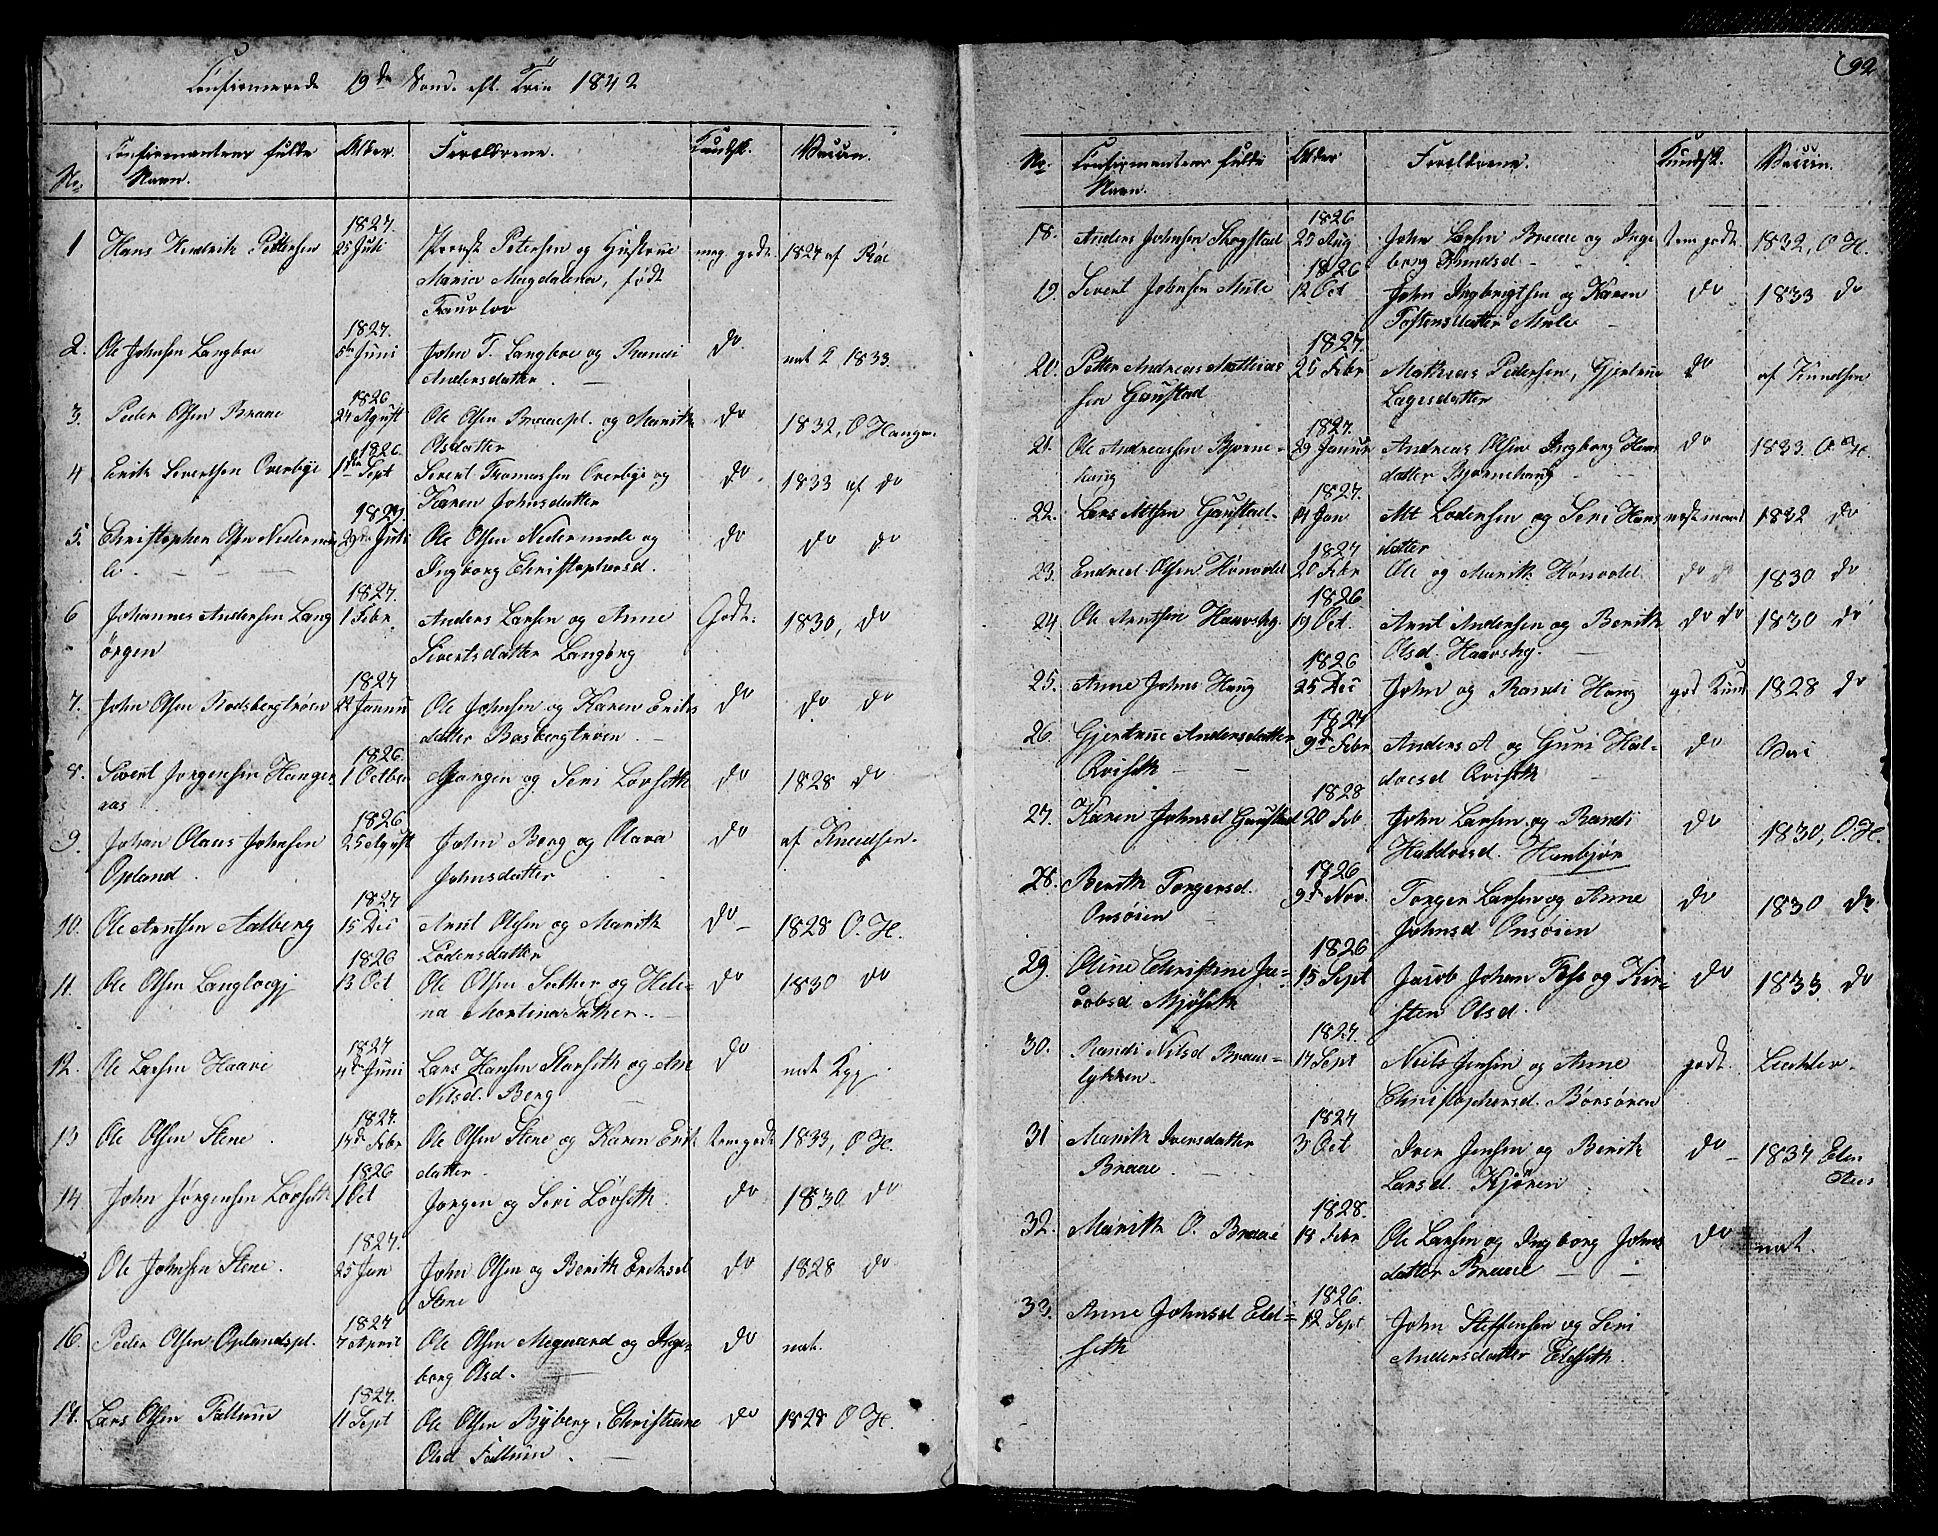 SAT, Ministerialprotokoller, klokkerbøker og fødselsregistre - Sør-Trøndelag, 612/L0386: Klokkerbok nr. 612C02, 1834-1845, s. 92